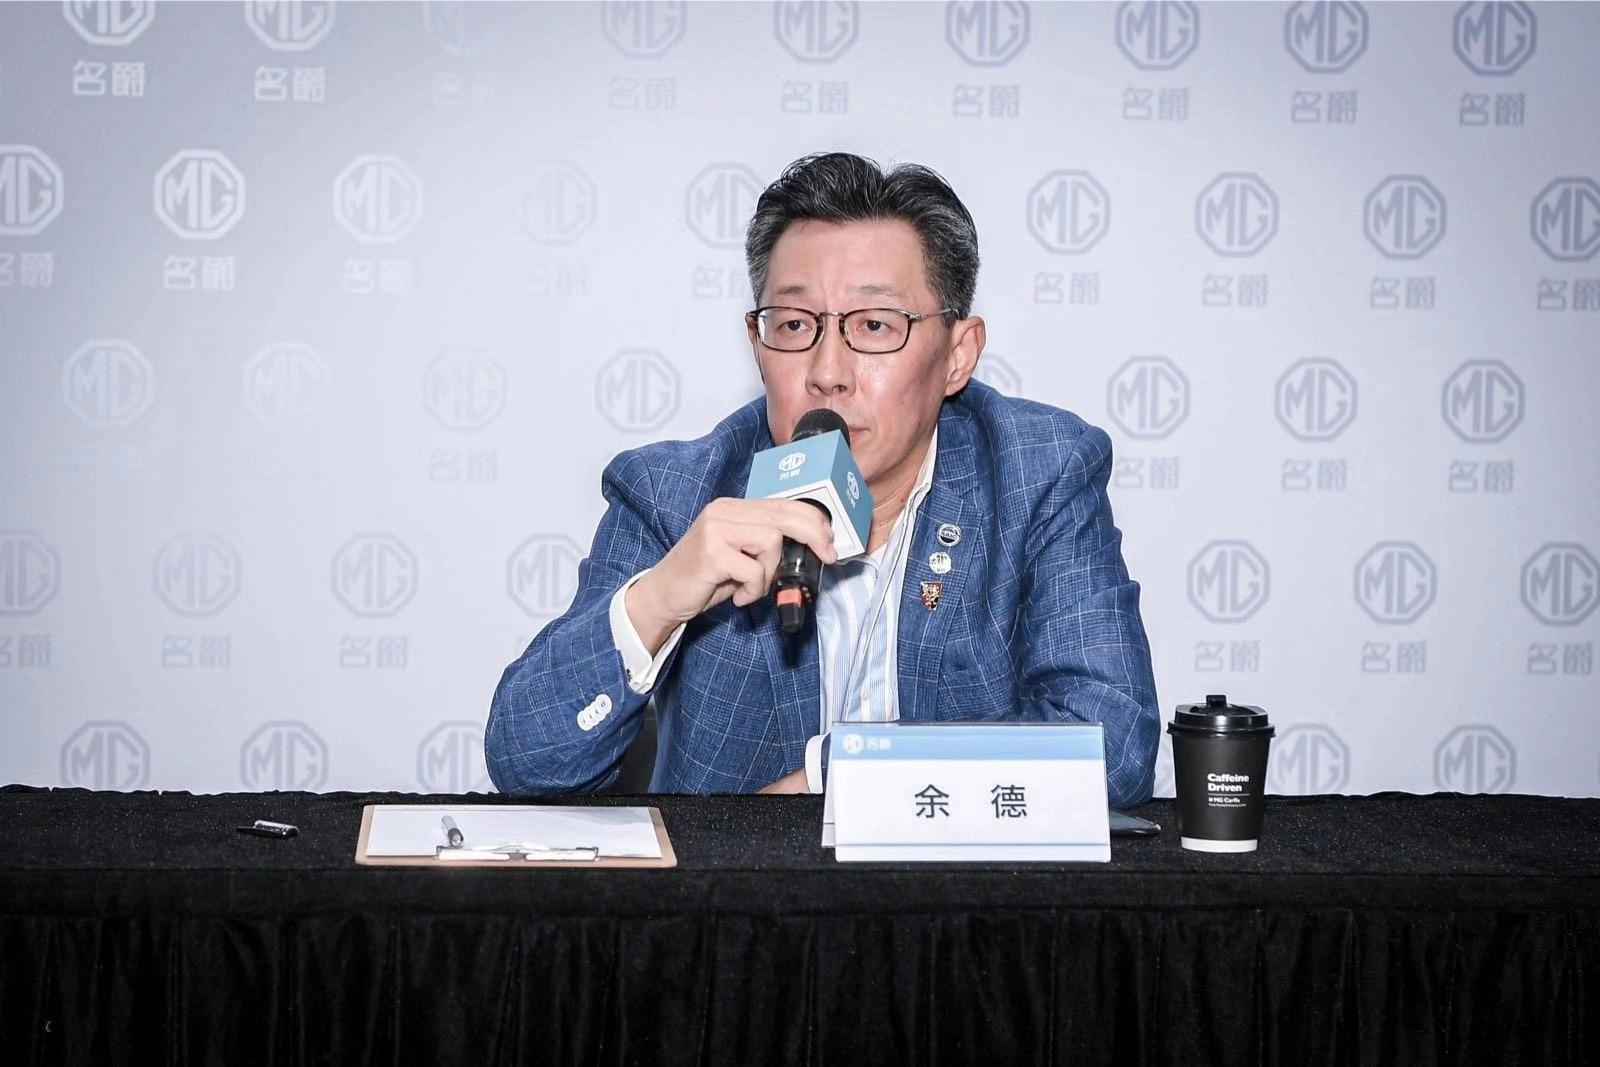 上汽集团总裁助理、国际业务部总经理,上海汽车国际商贸有限公司总经理余德